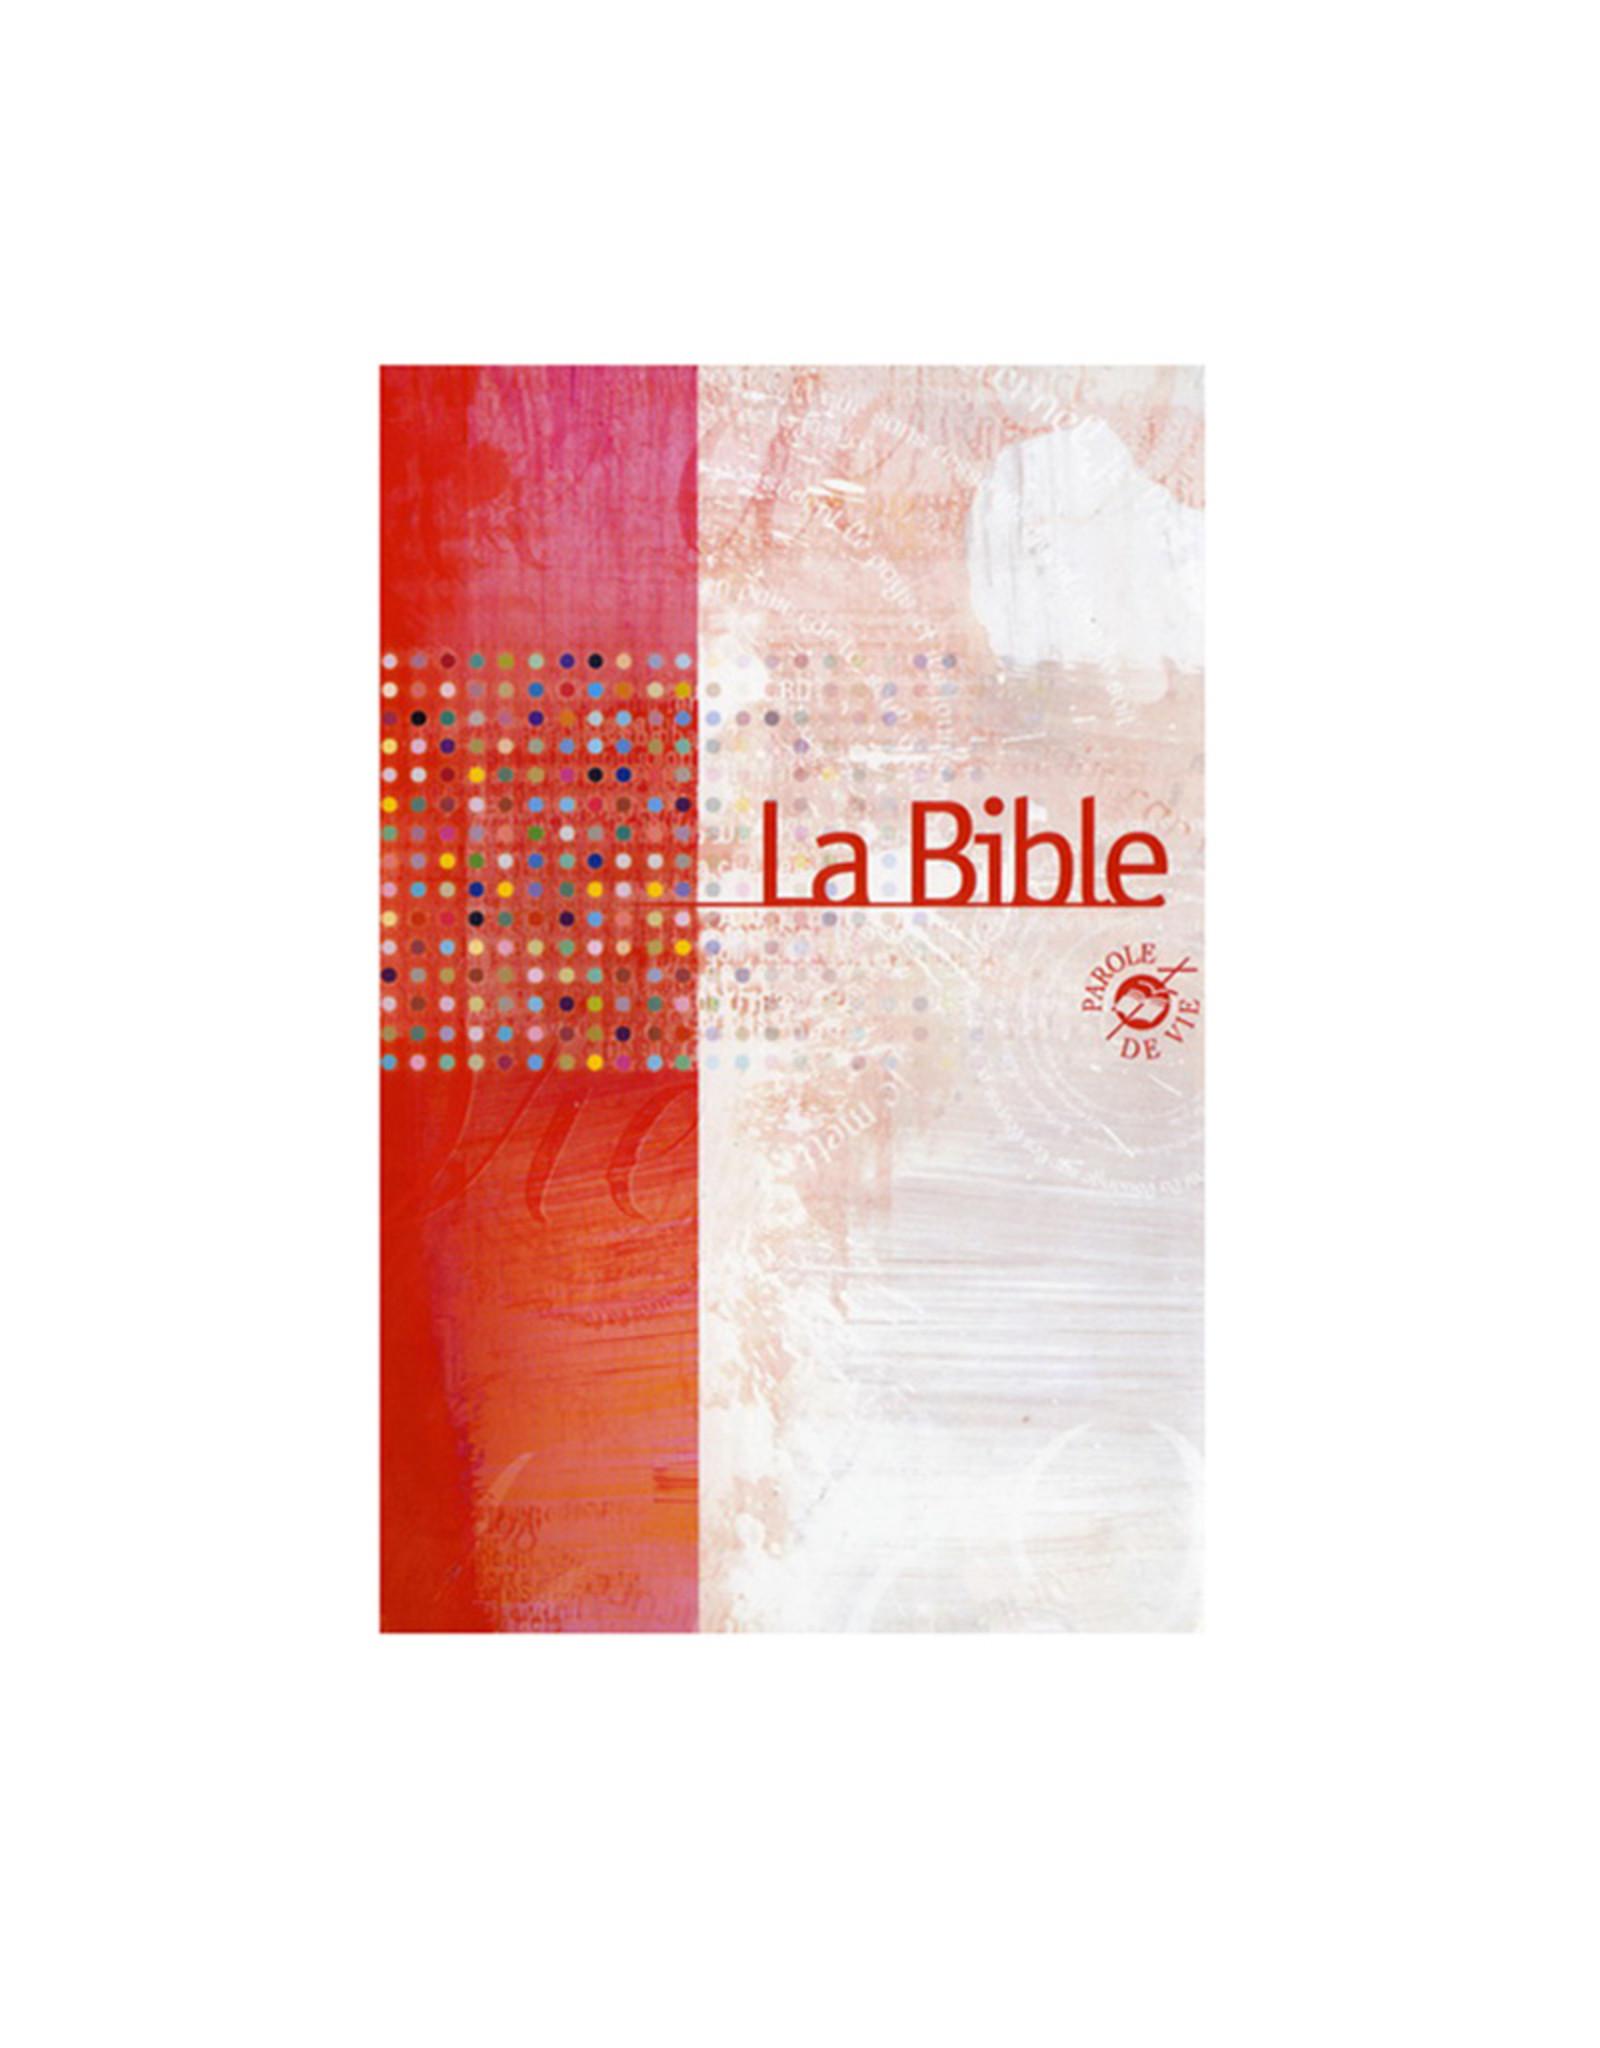 La Bible -Parole de vie version (french)